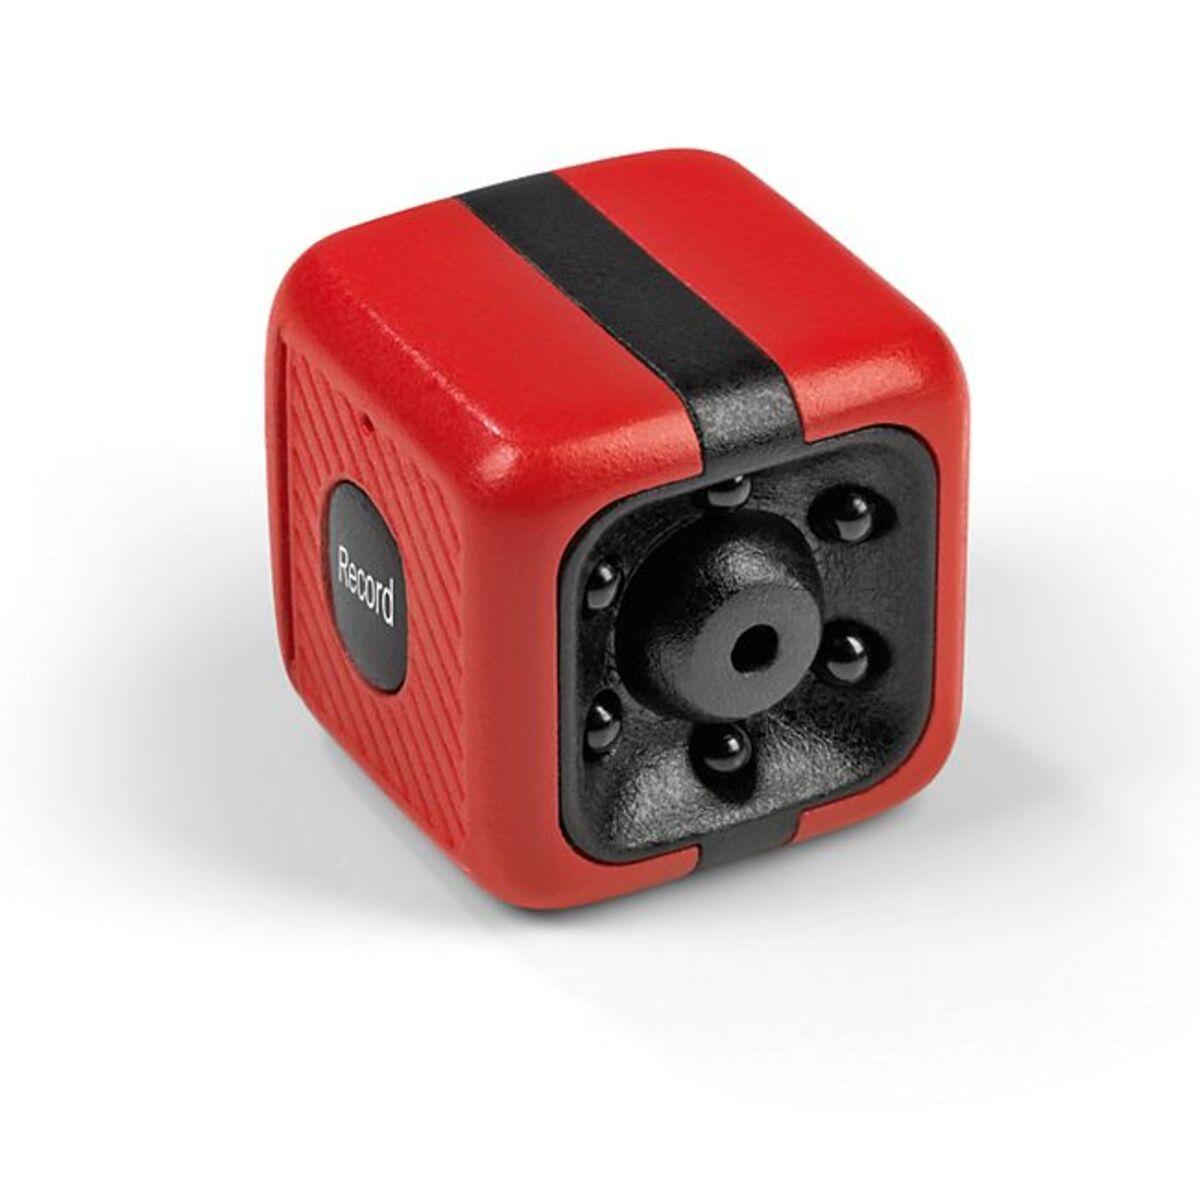 Bild 1 von EASYmaxx Mini-Kamera mit Speicherkarte 8GB